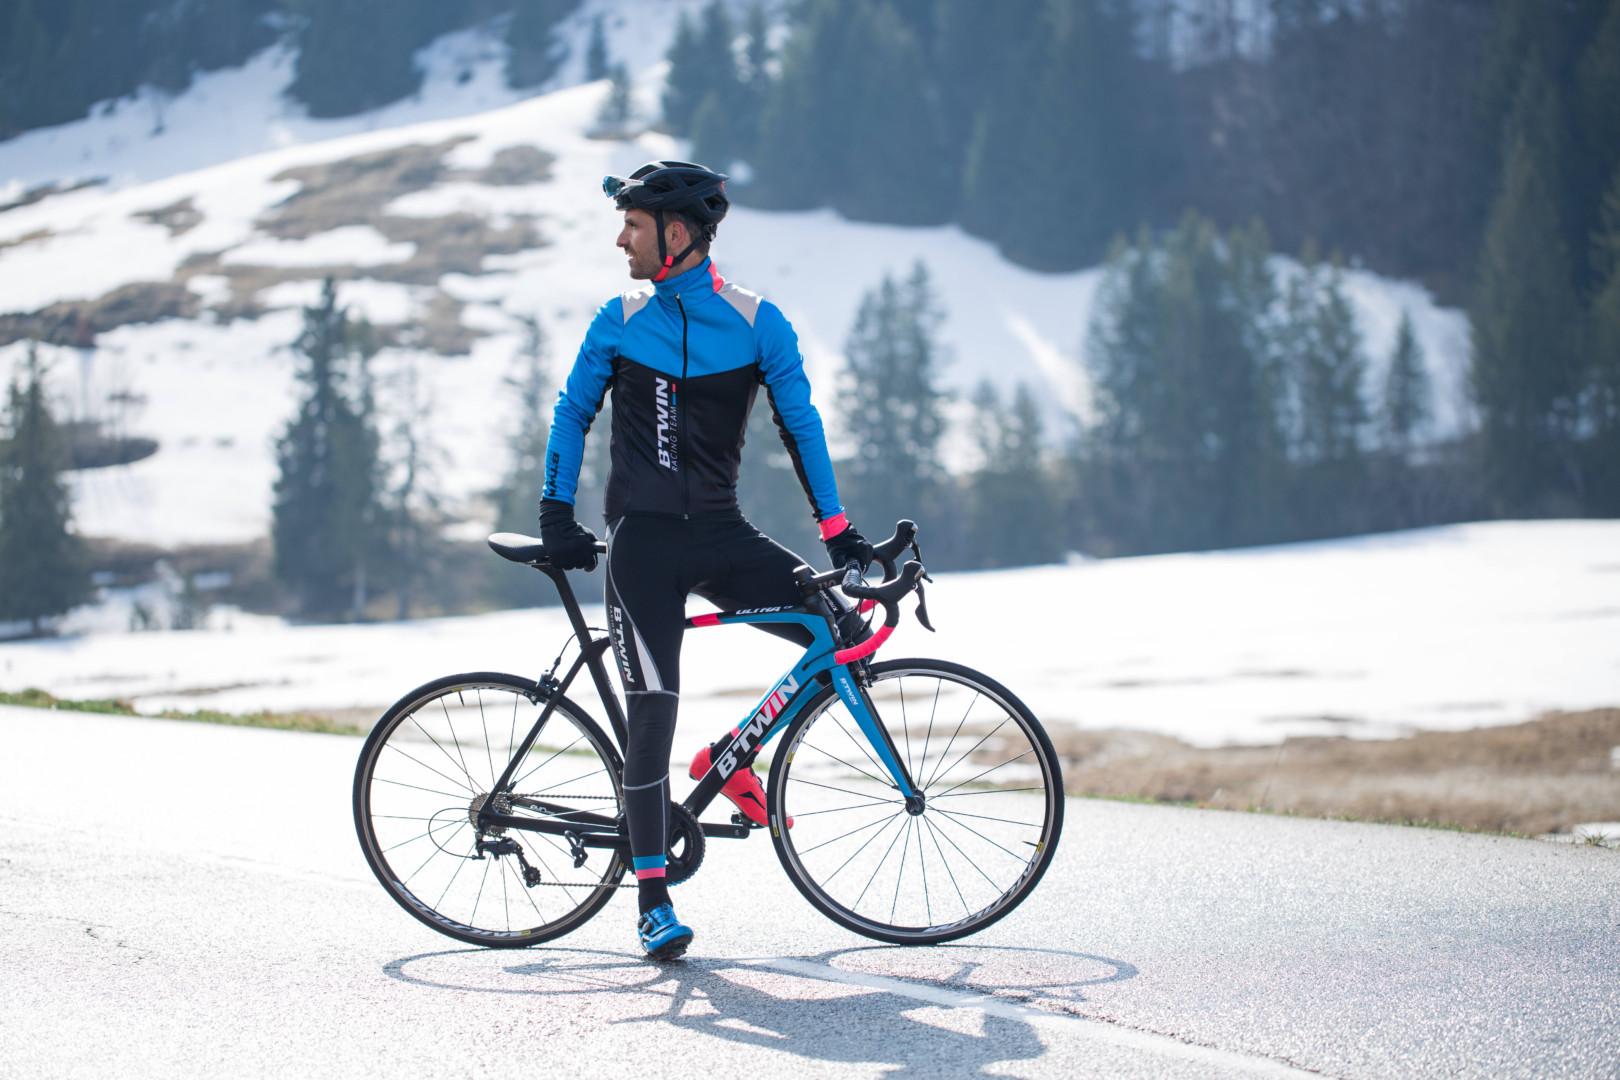 f8554708e5 Téli kerékpáros öltözködés- ruházati tanácsok